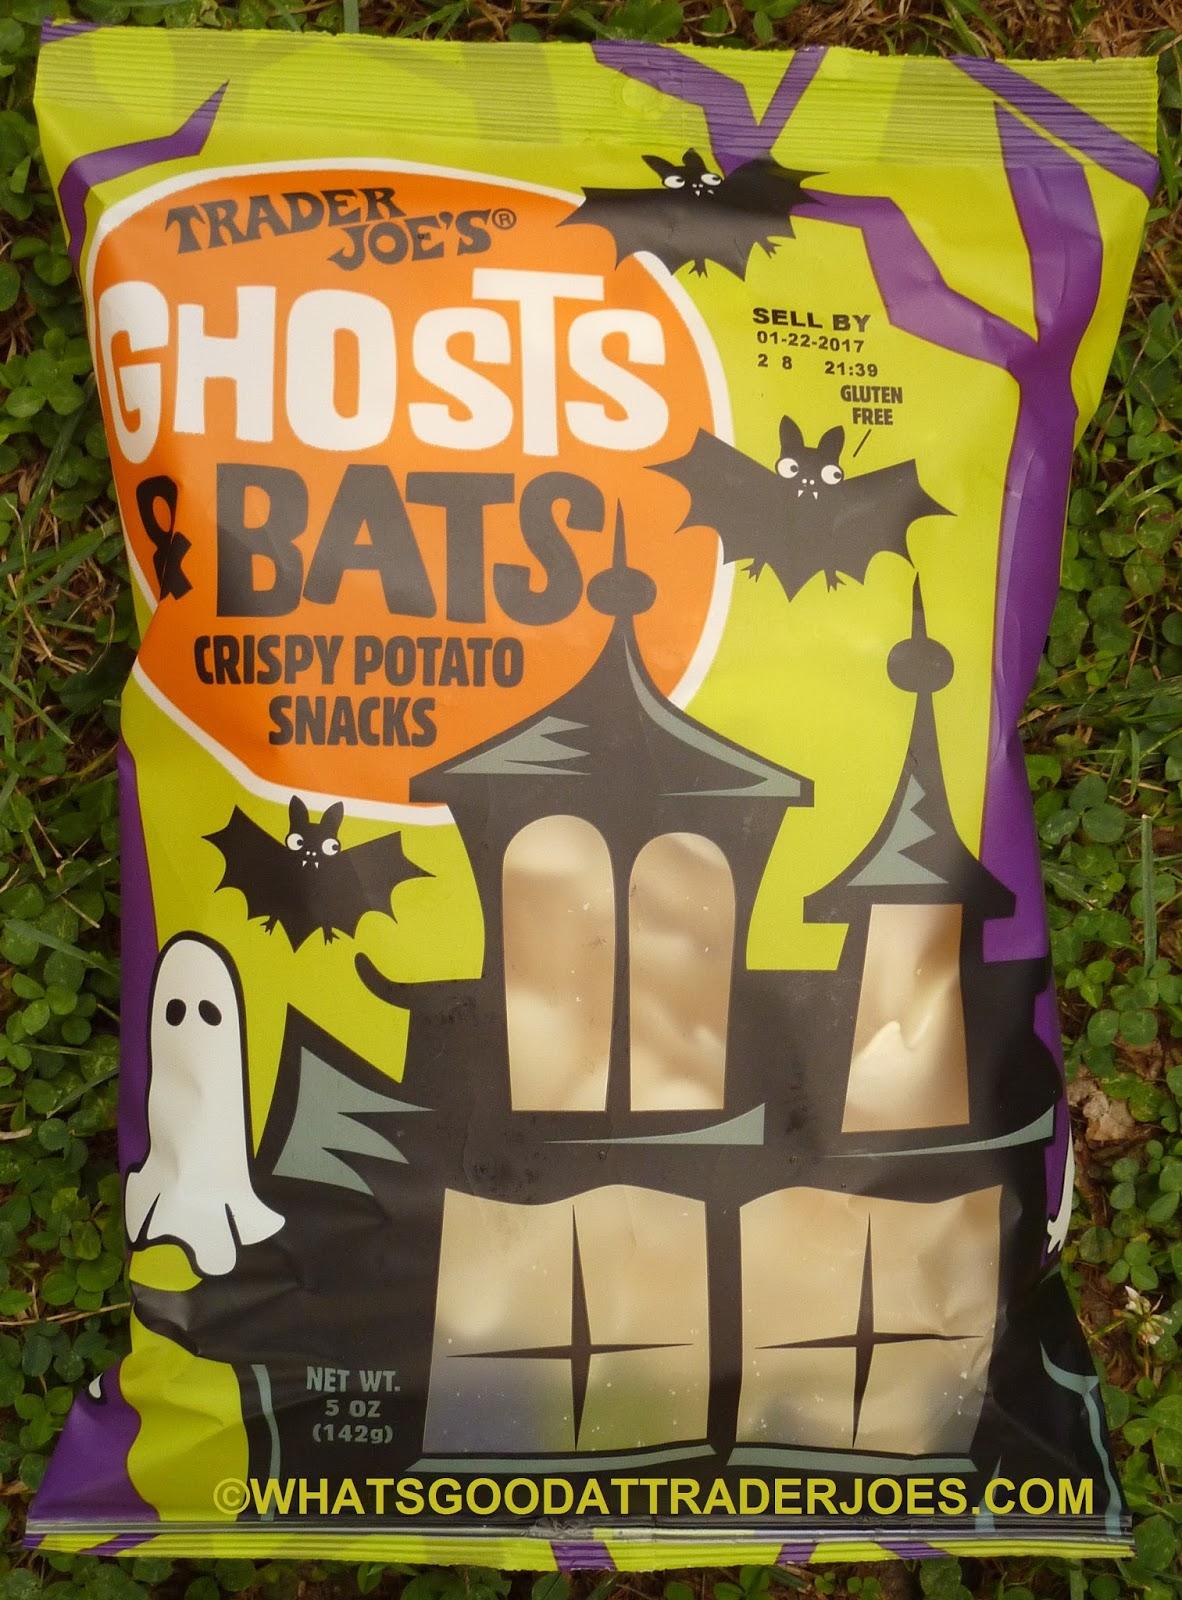 What\'s Good at Trader Joe\'s?: Trader Joe\'s Ghosts & Bats